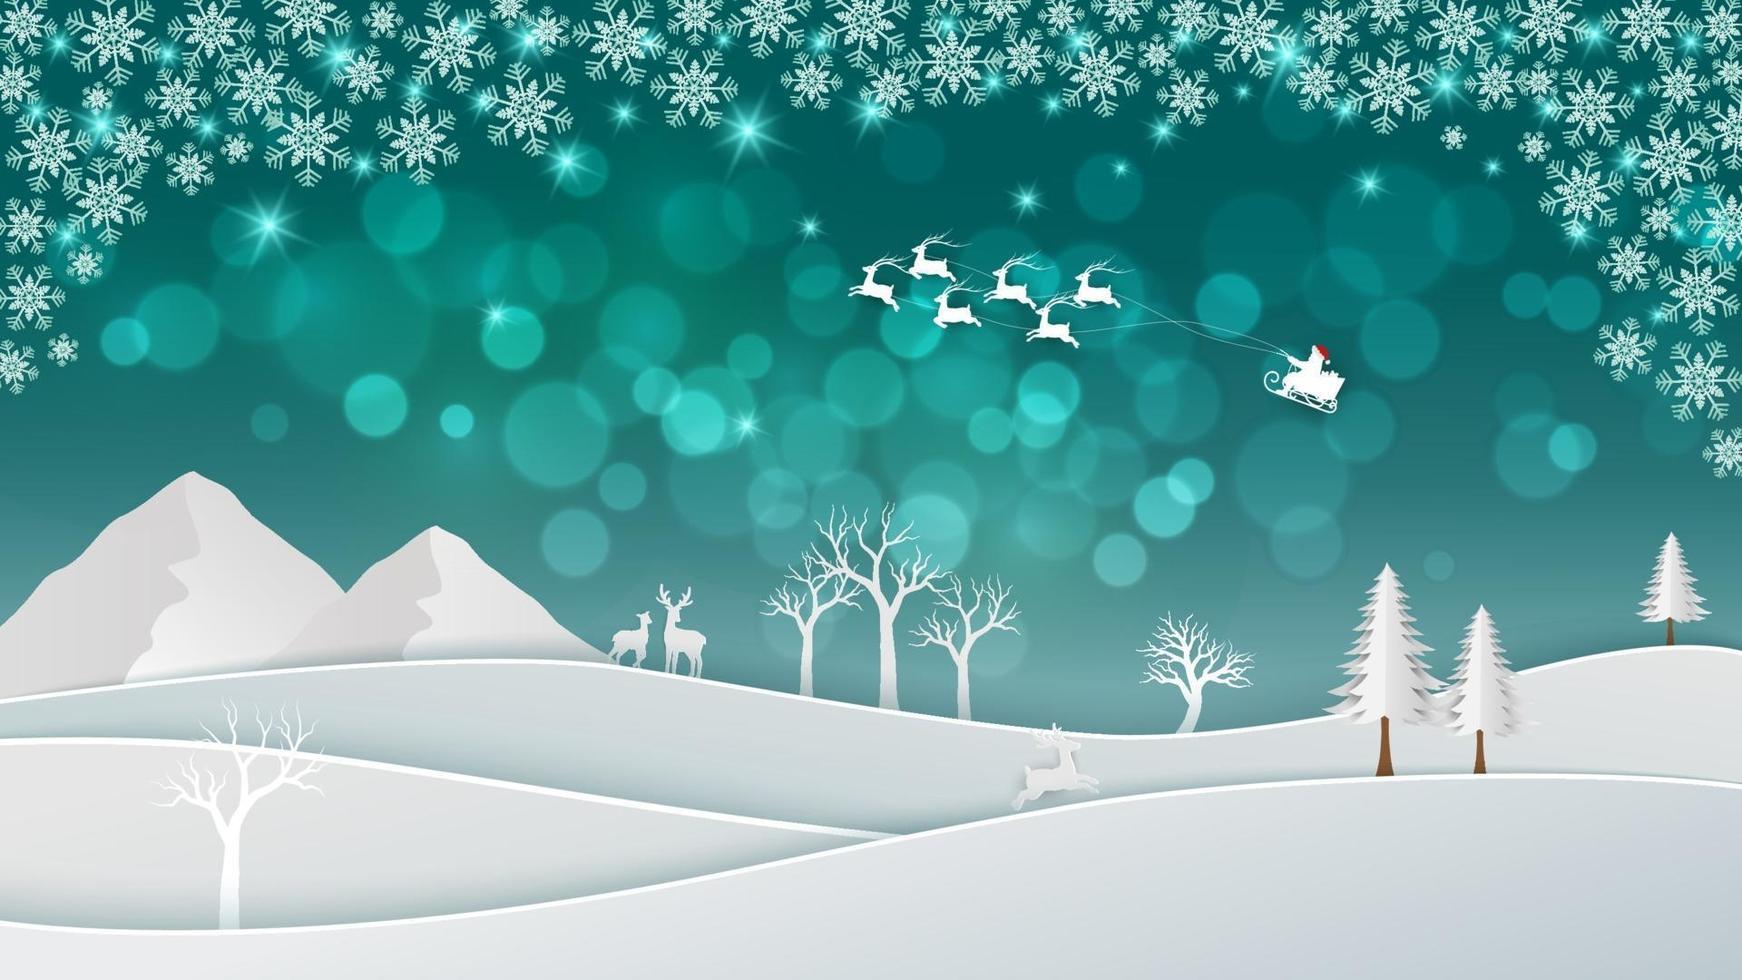 sfondo di natale con babbo natale nella notte invernale vettore